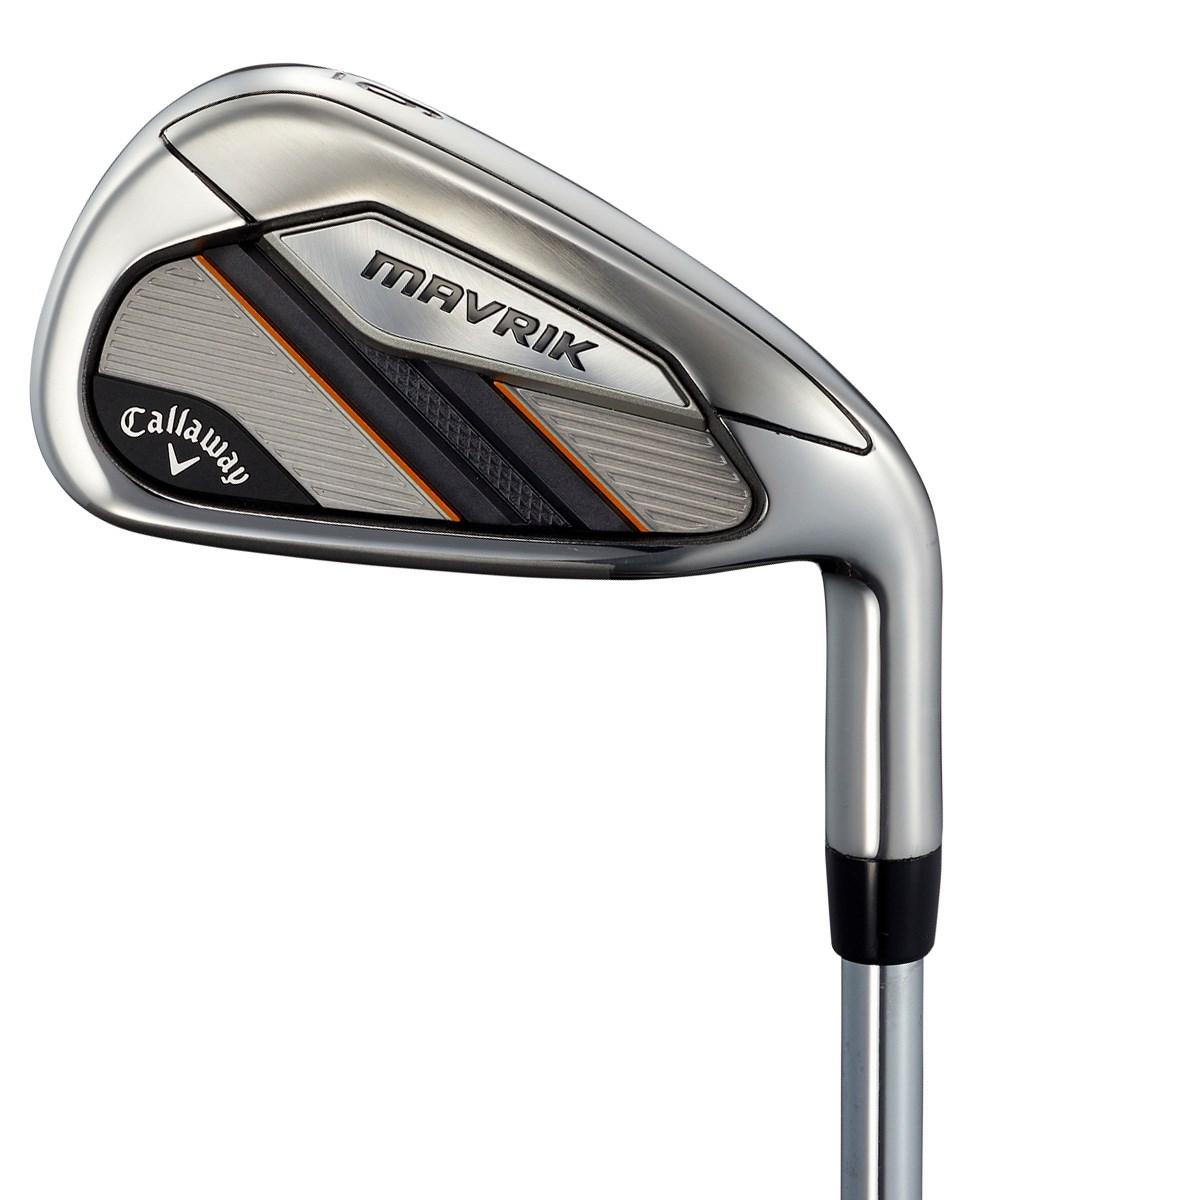 キャロウェイゴルフ(Callaway Golf) マーベリック アイアン(単品) N.S.PRO 950GH neo